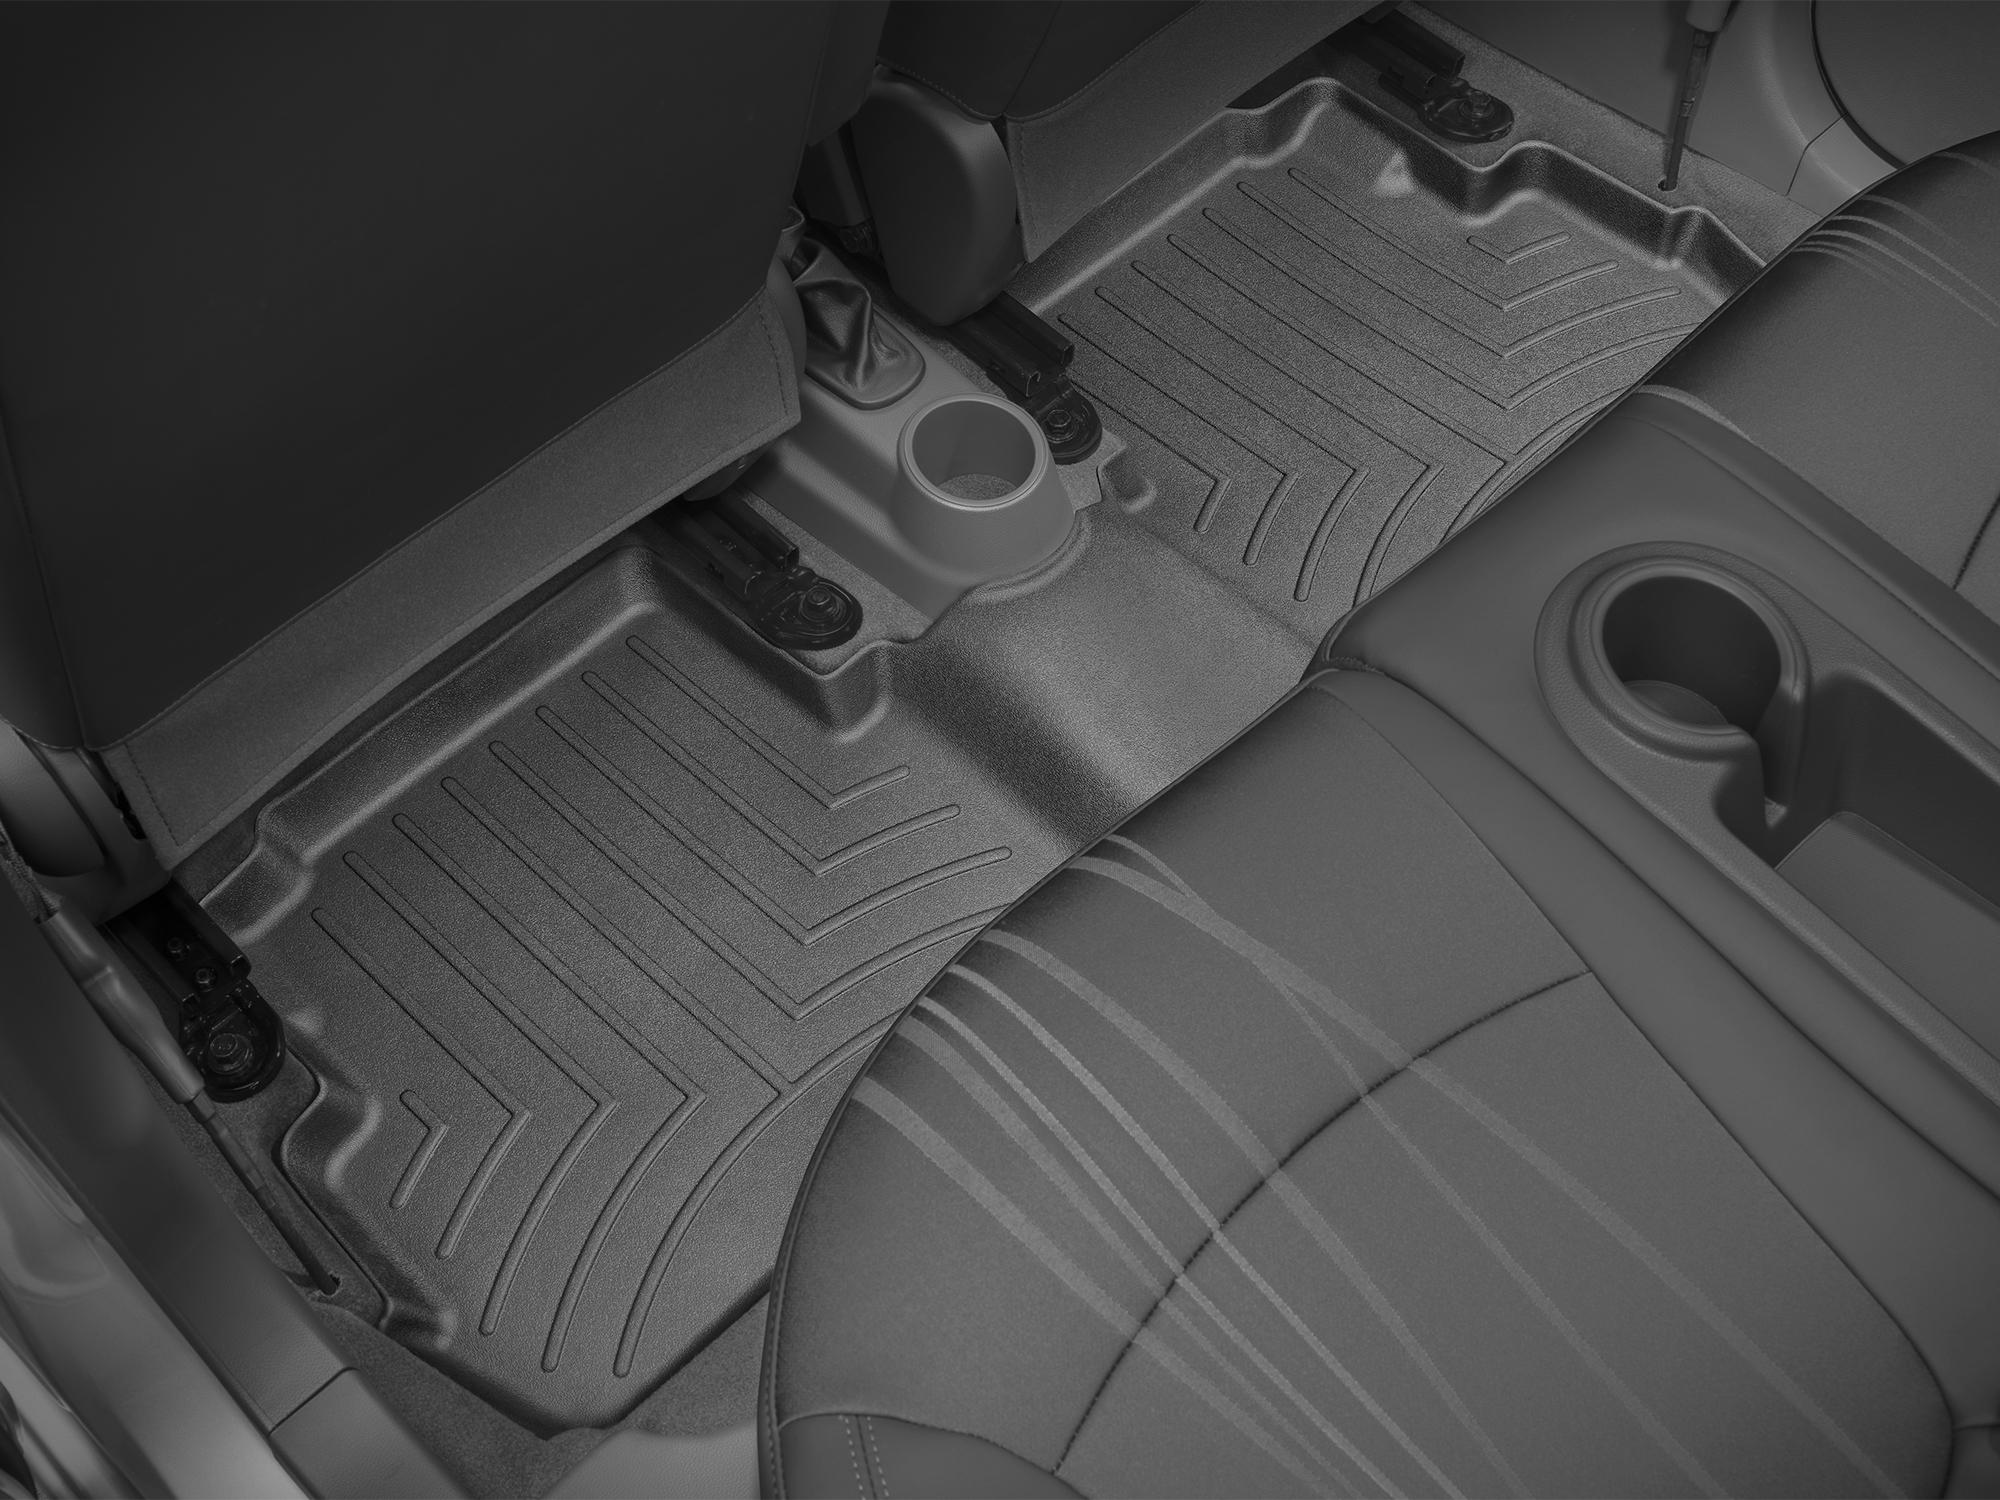 Tappeti gomma su misura bordo alto Chevrolet Spark 10>15 Nero A207